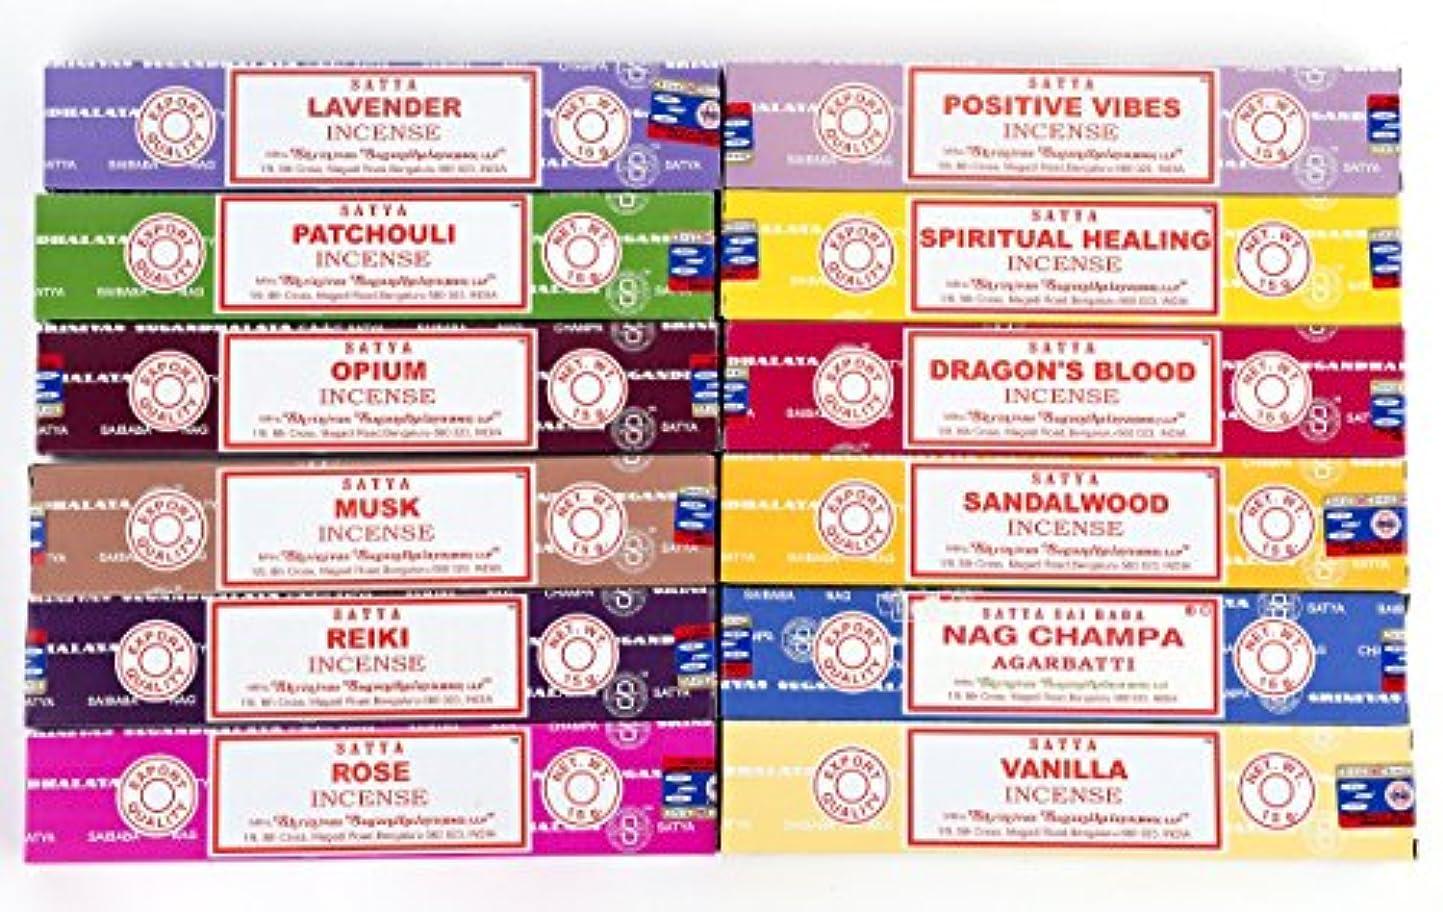 ぴったり負荷シャークNag Champa、ラベンダー、パチュリOpium、ムスク、レイキ、ローズ、Positive Vibes、Spiritual Healing、ドラゴンブラッド、サンダルウッド、バニラ